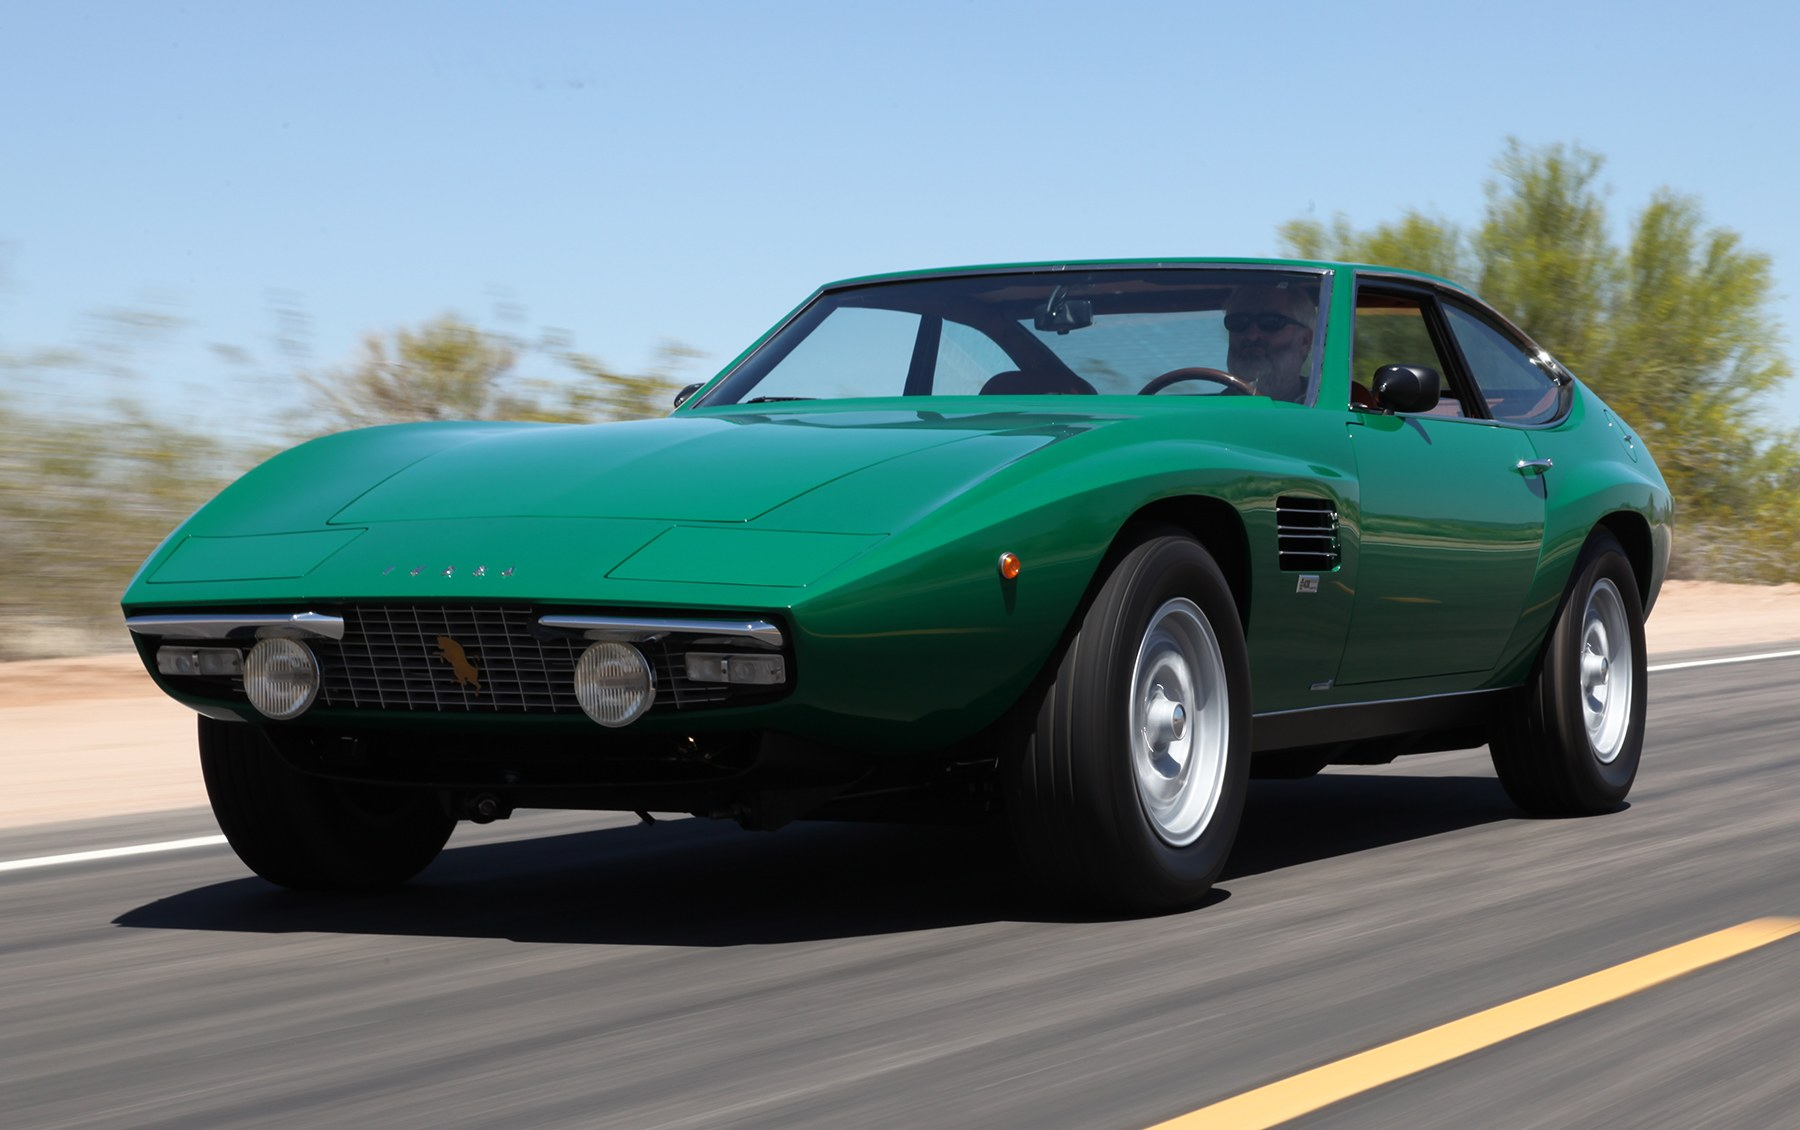 1974 Intermeccanica Indra Coupe